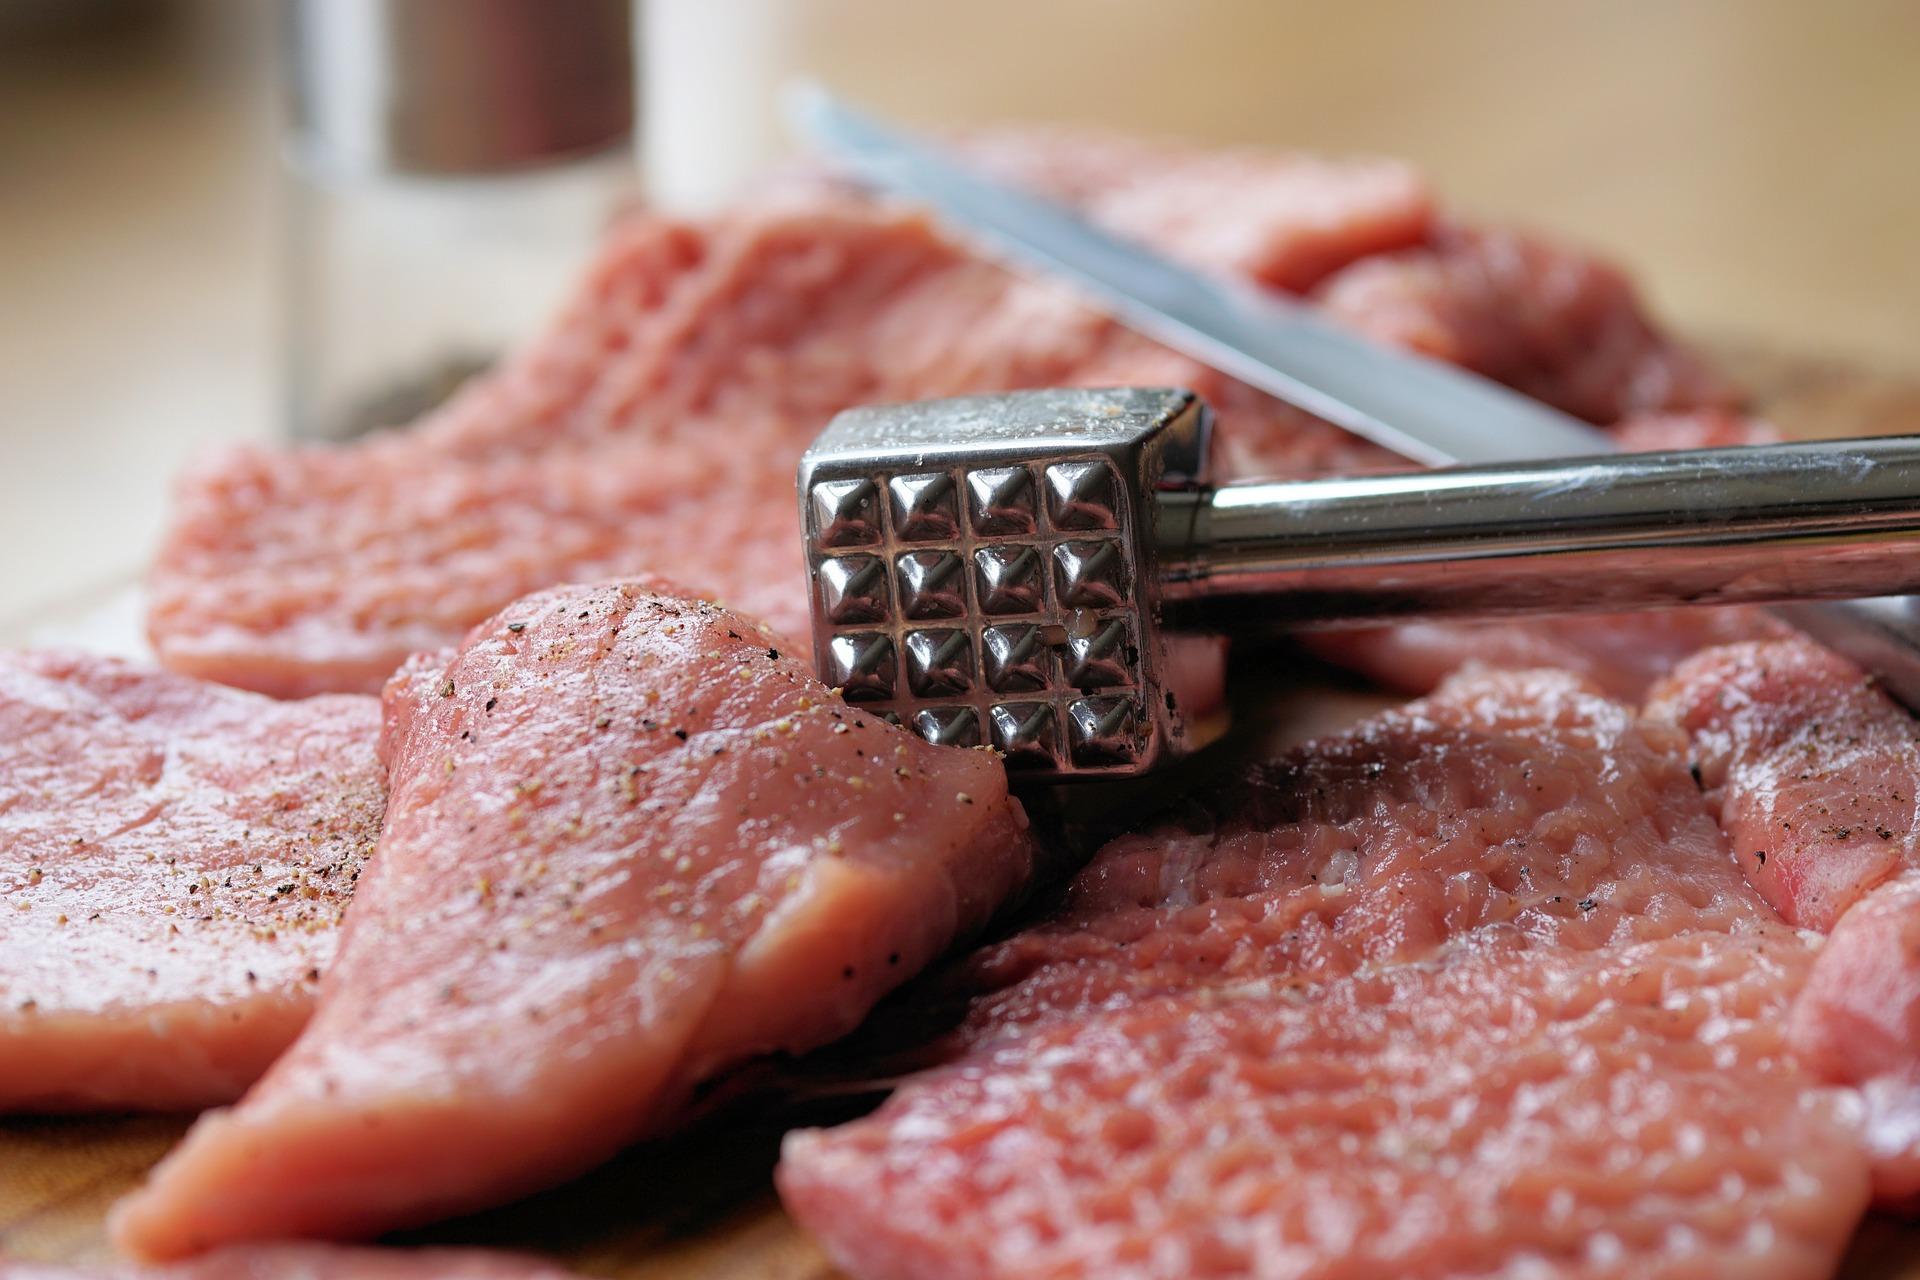 SLS opozarja na zdravstveno in »etično« oporečnost hrane v Sloveniji